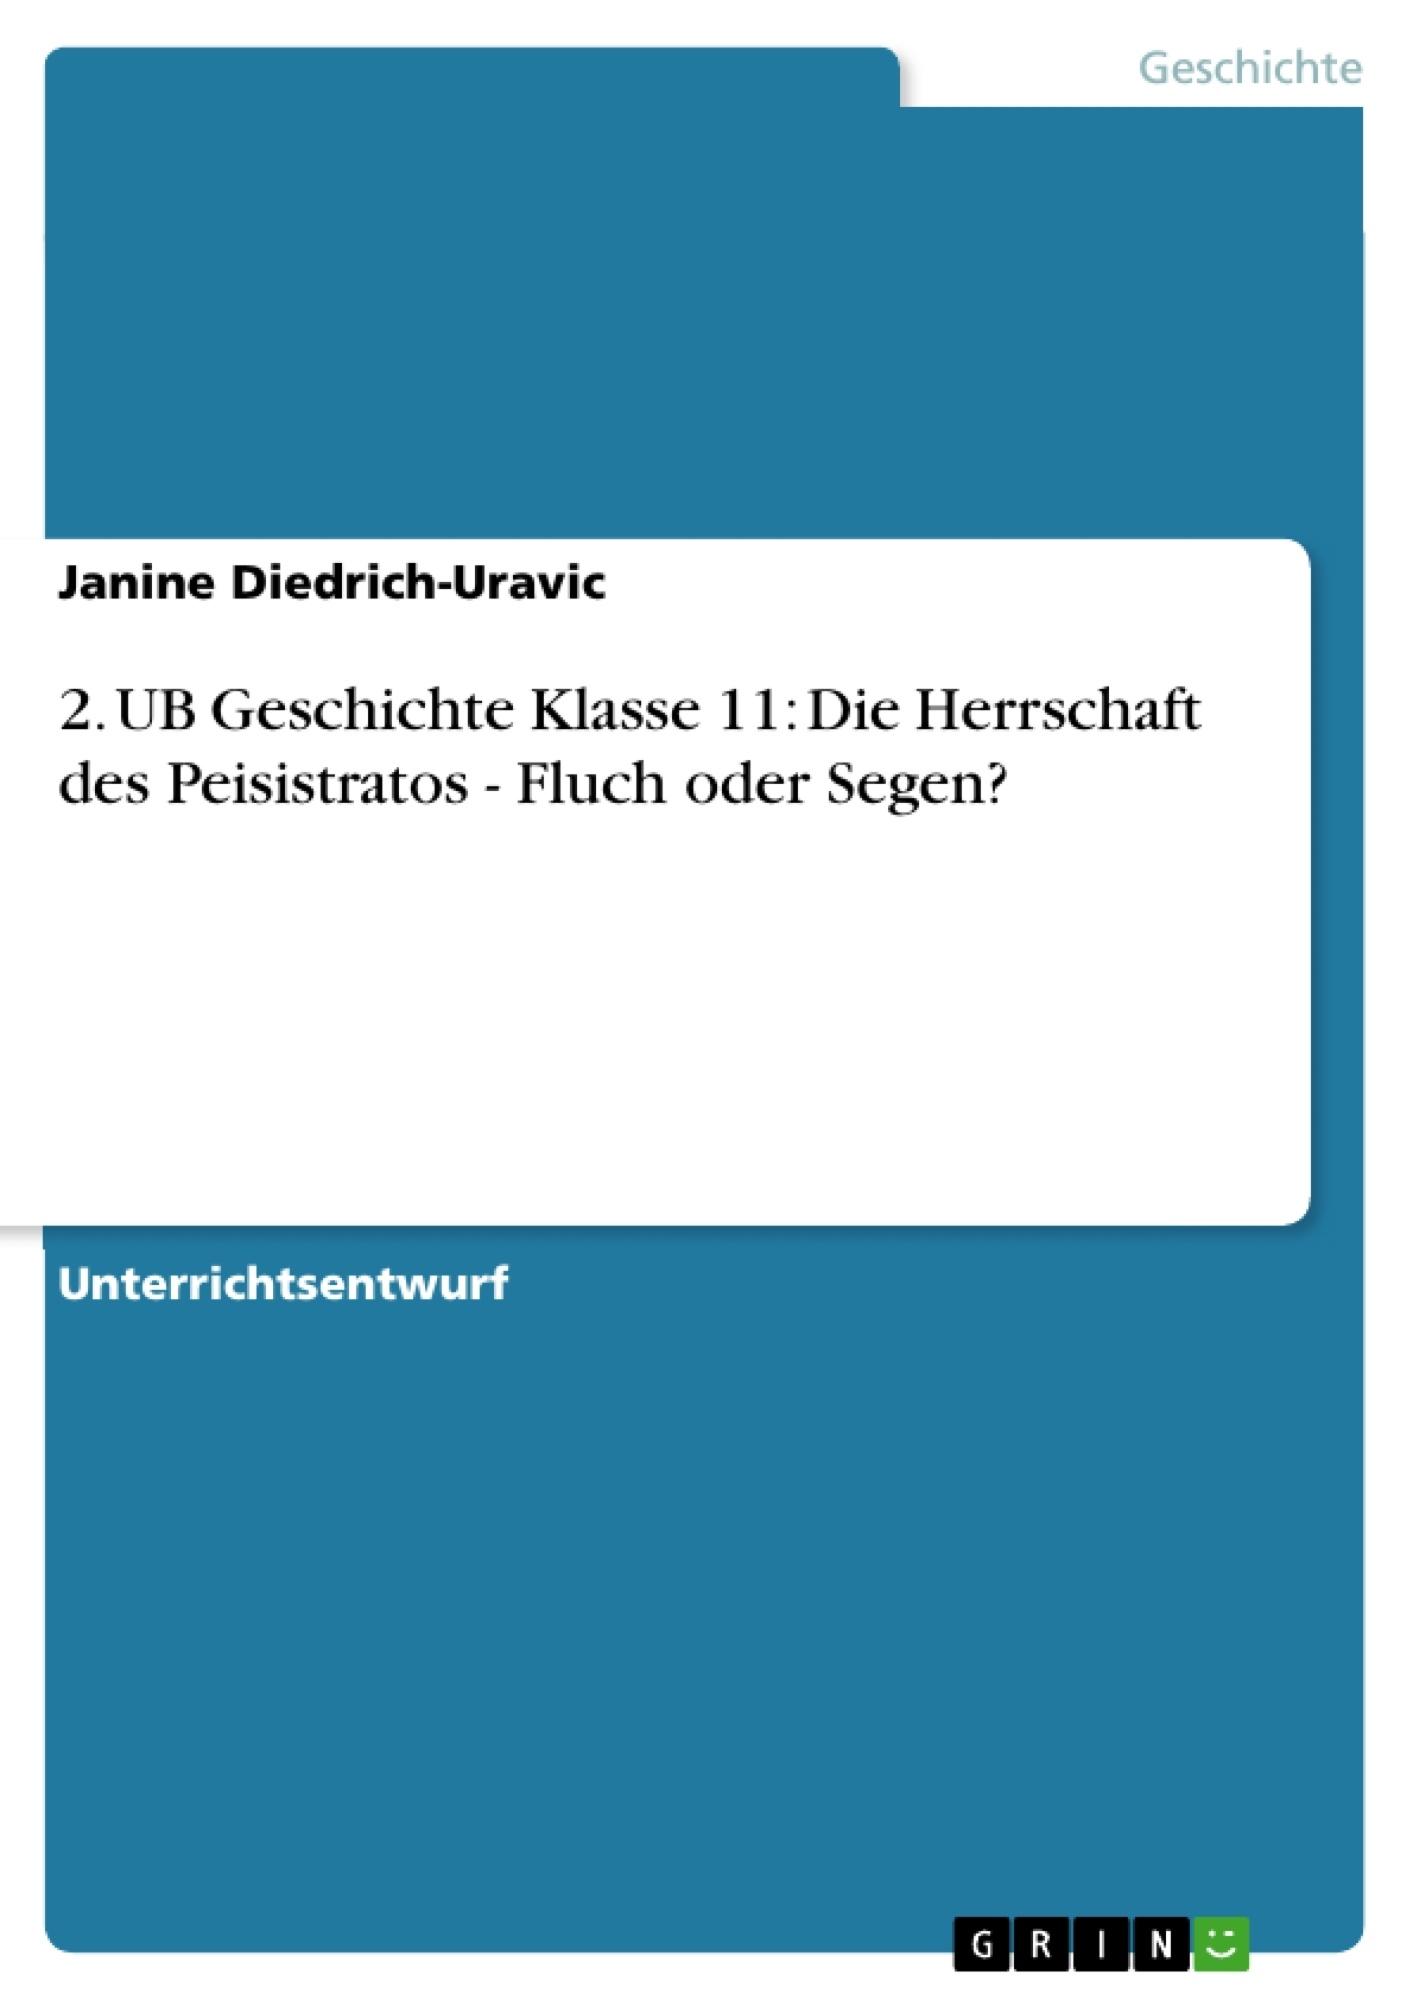 Titel: 2. UB Geschichte Klasse 11: Die Herrschaft des Peisistratos - Fluch oder Segen?